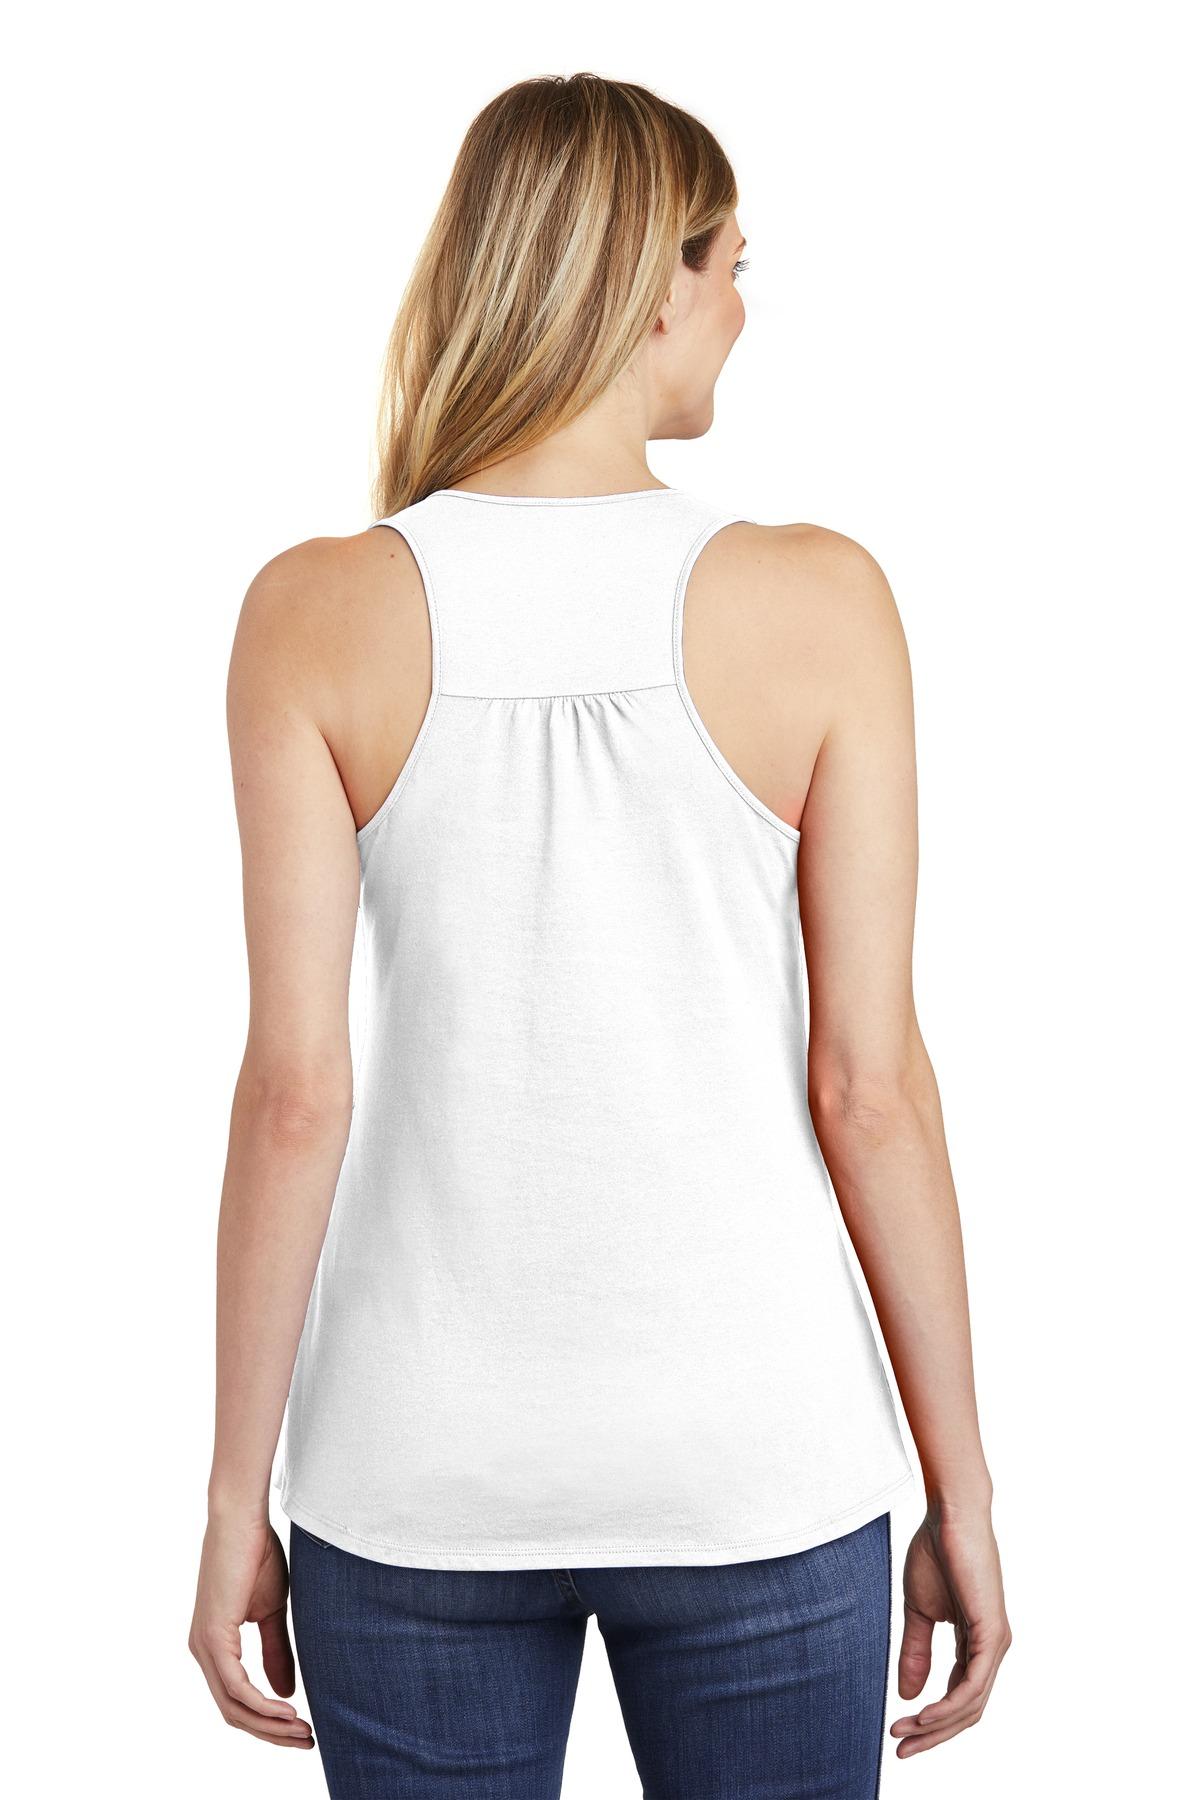 DT white model back